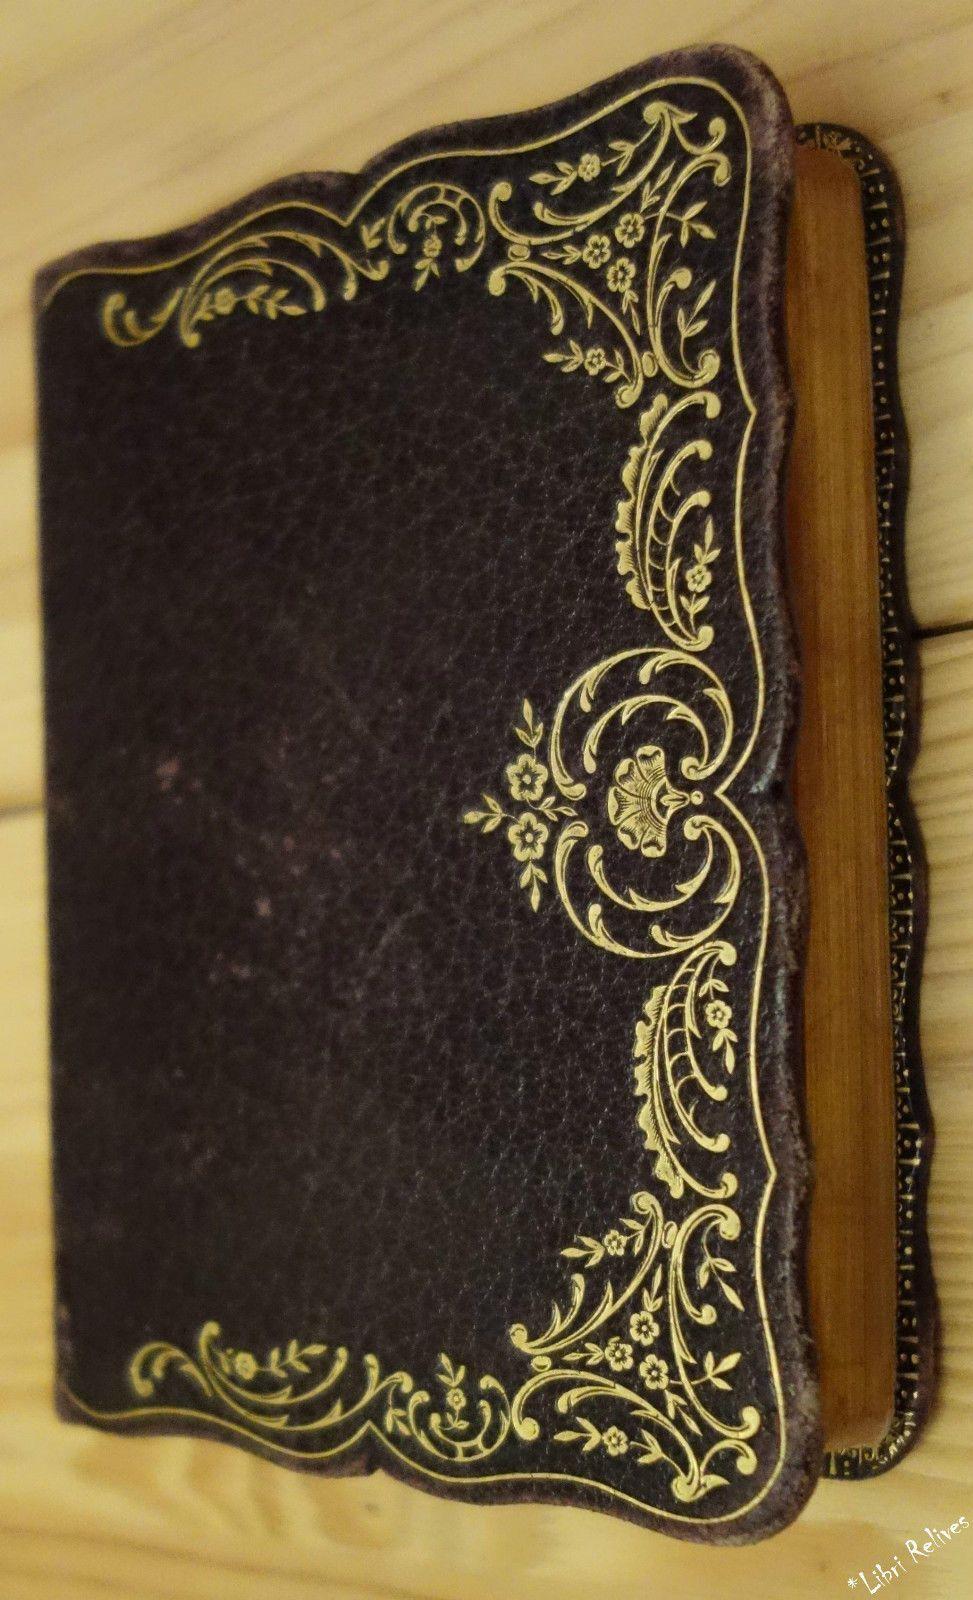 Missel romain n° 1001 Belle reliure plein cuir ciselée Textes encadrés Ed. Zech   Livres, BD, revues, Livres anciens, de collection   eBay!